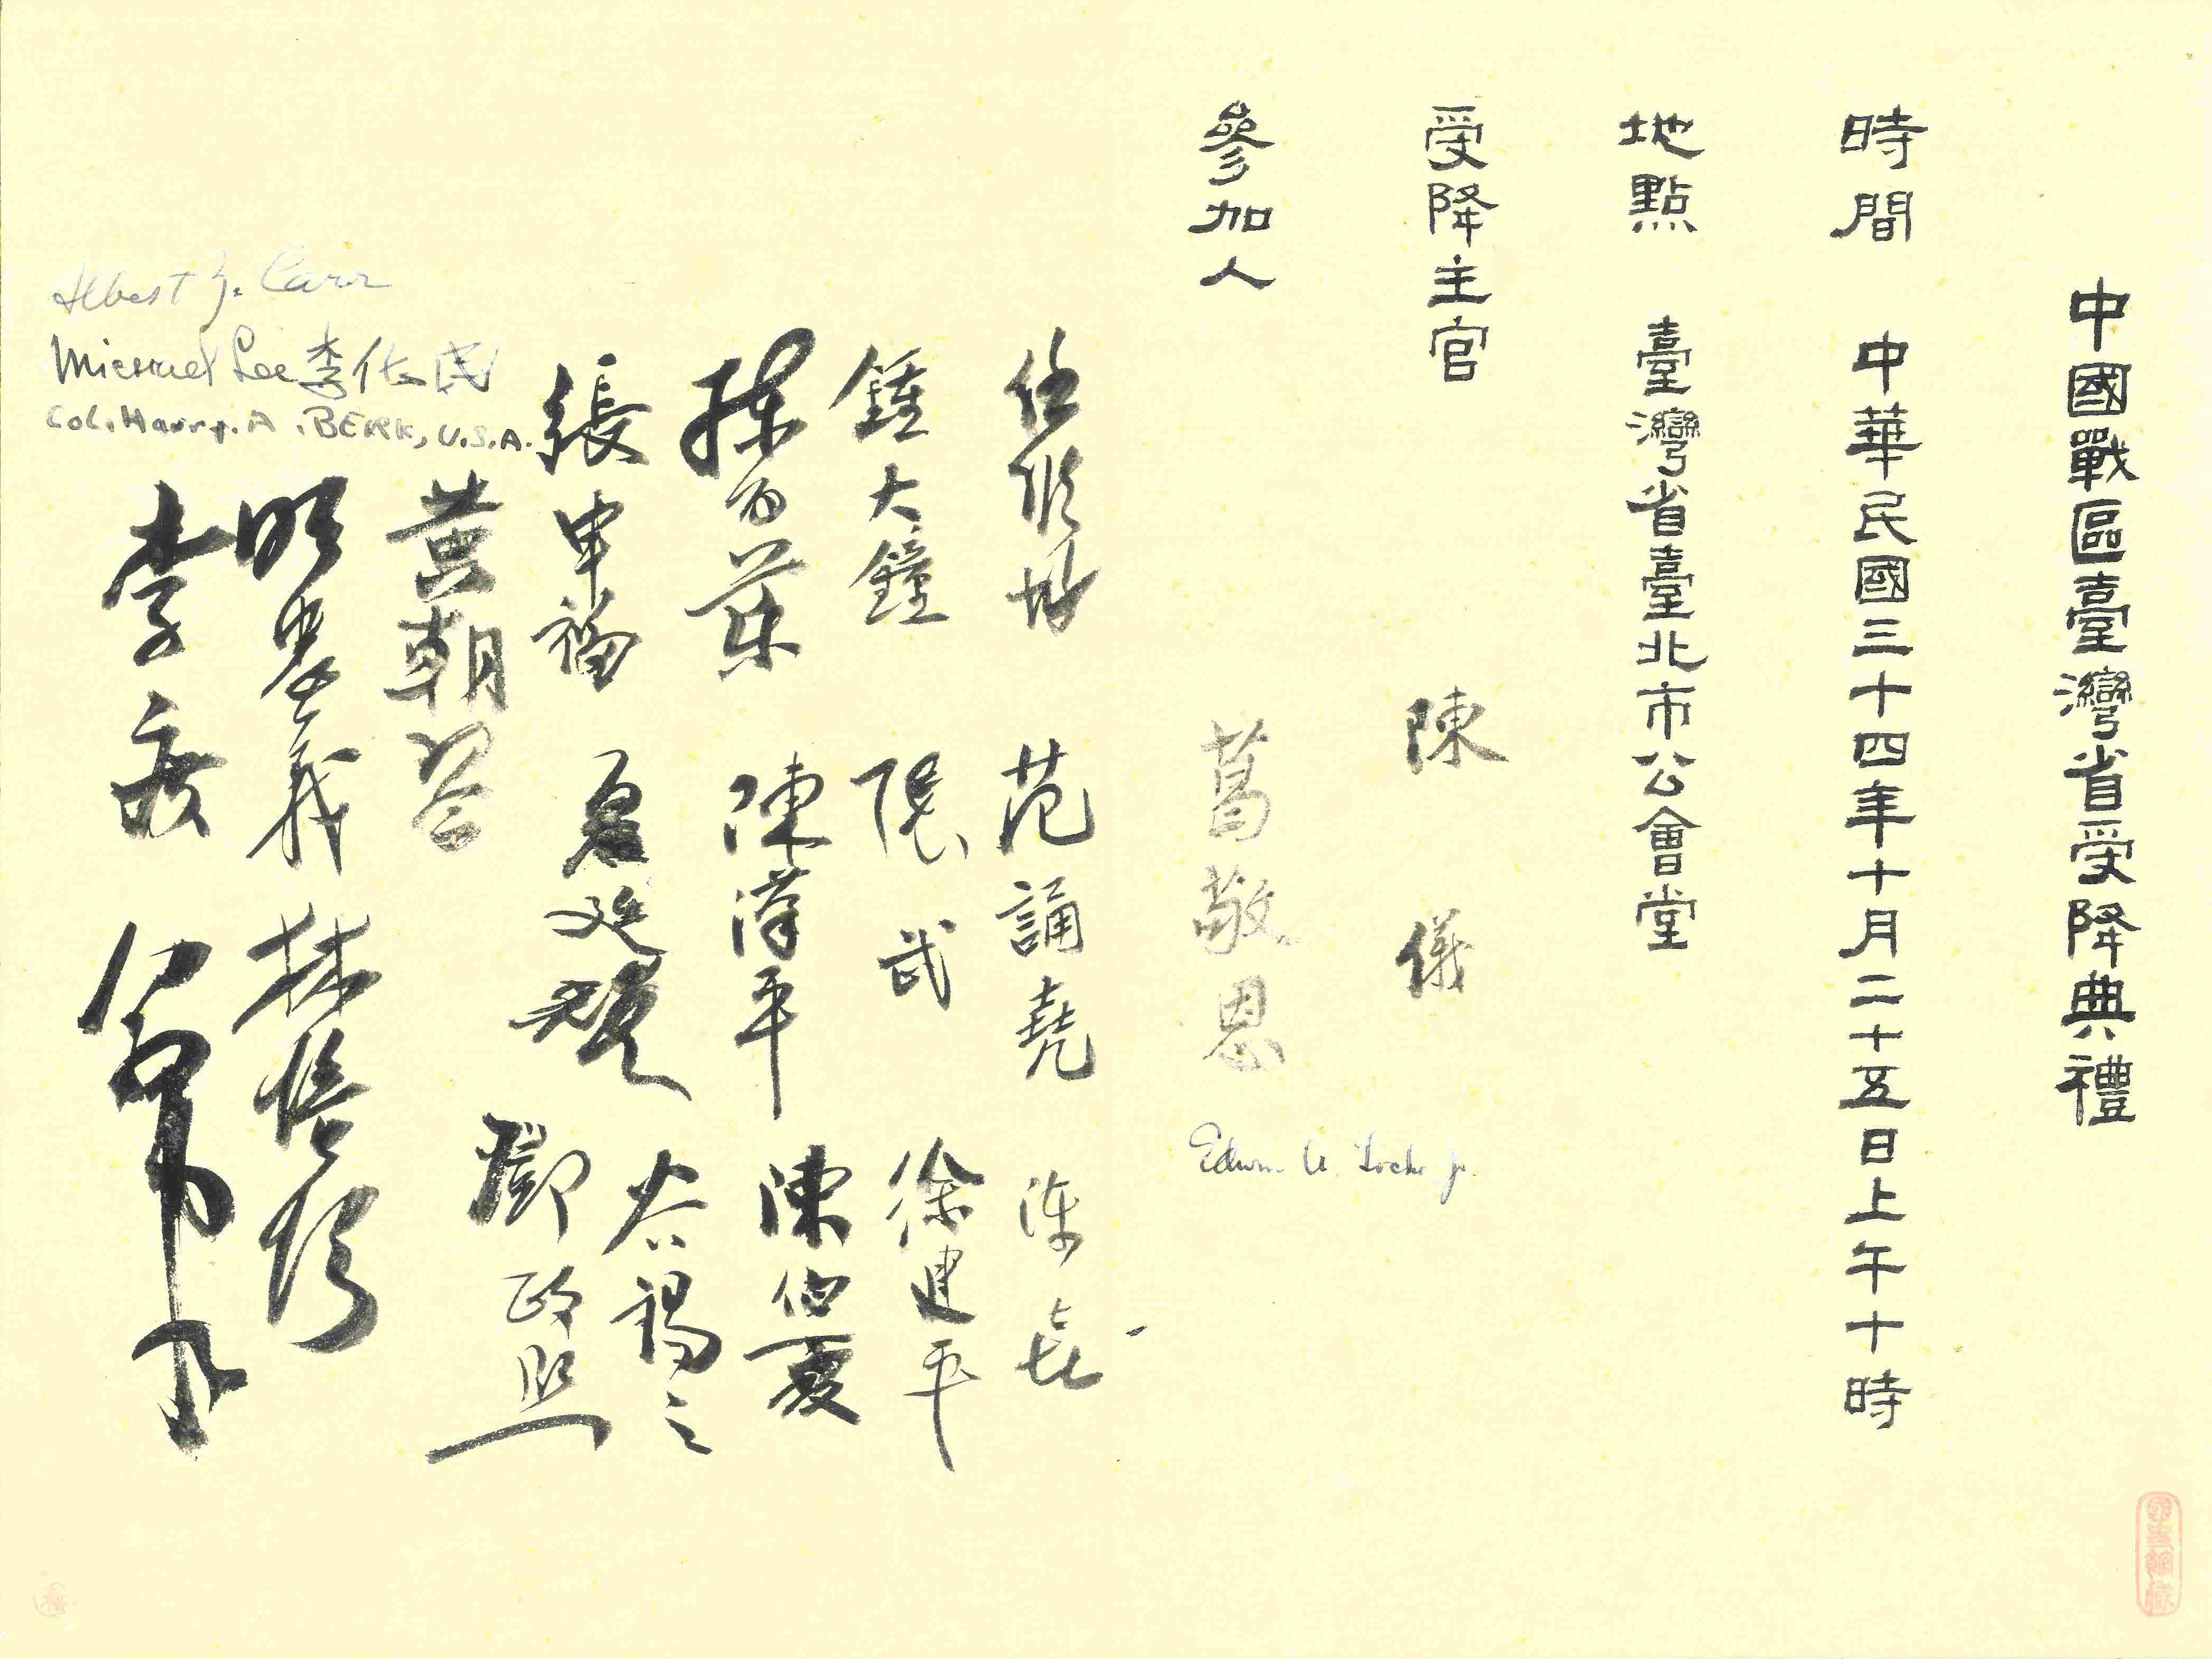 圖3:中國戰區臺灣省受降典禮簽到冊